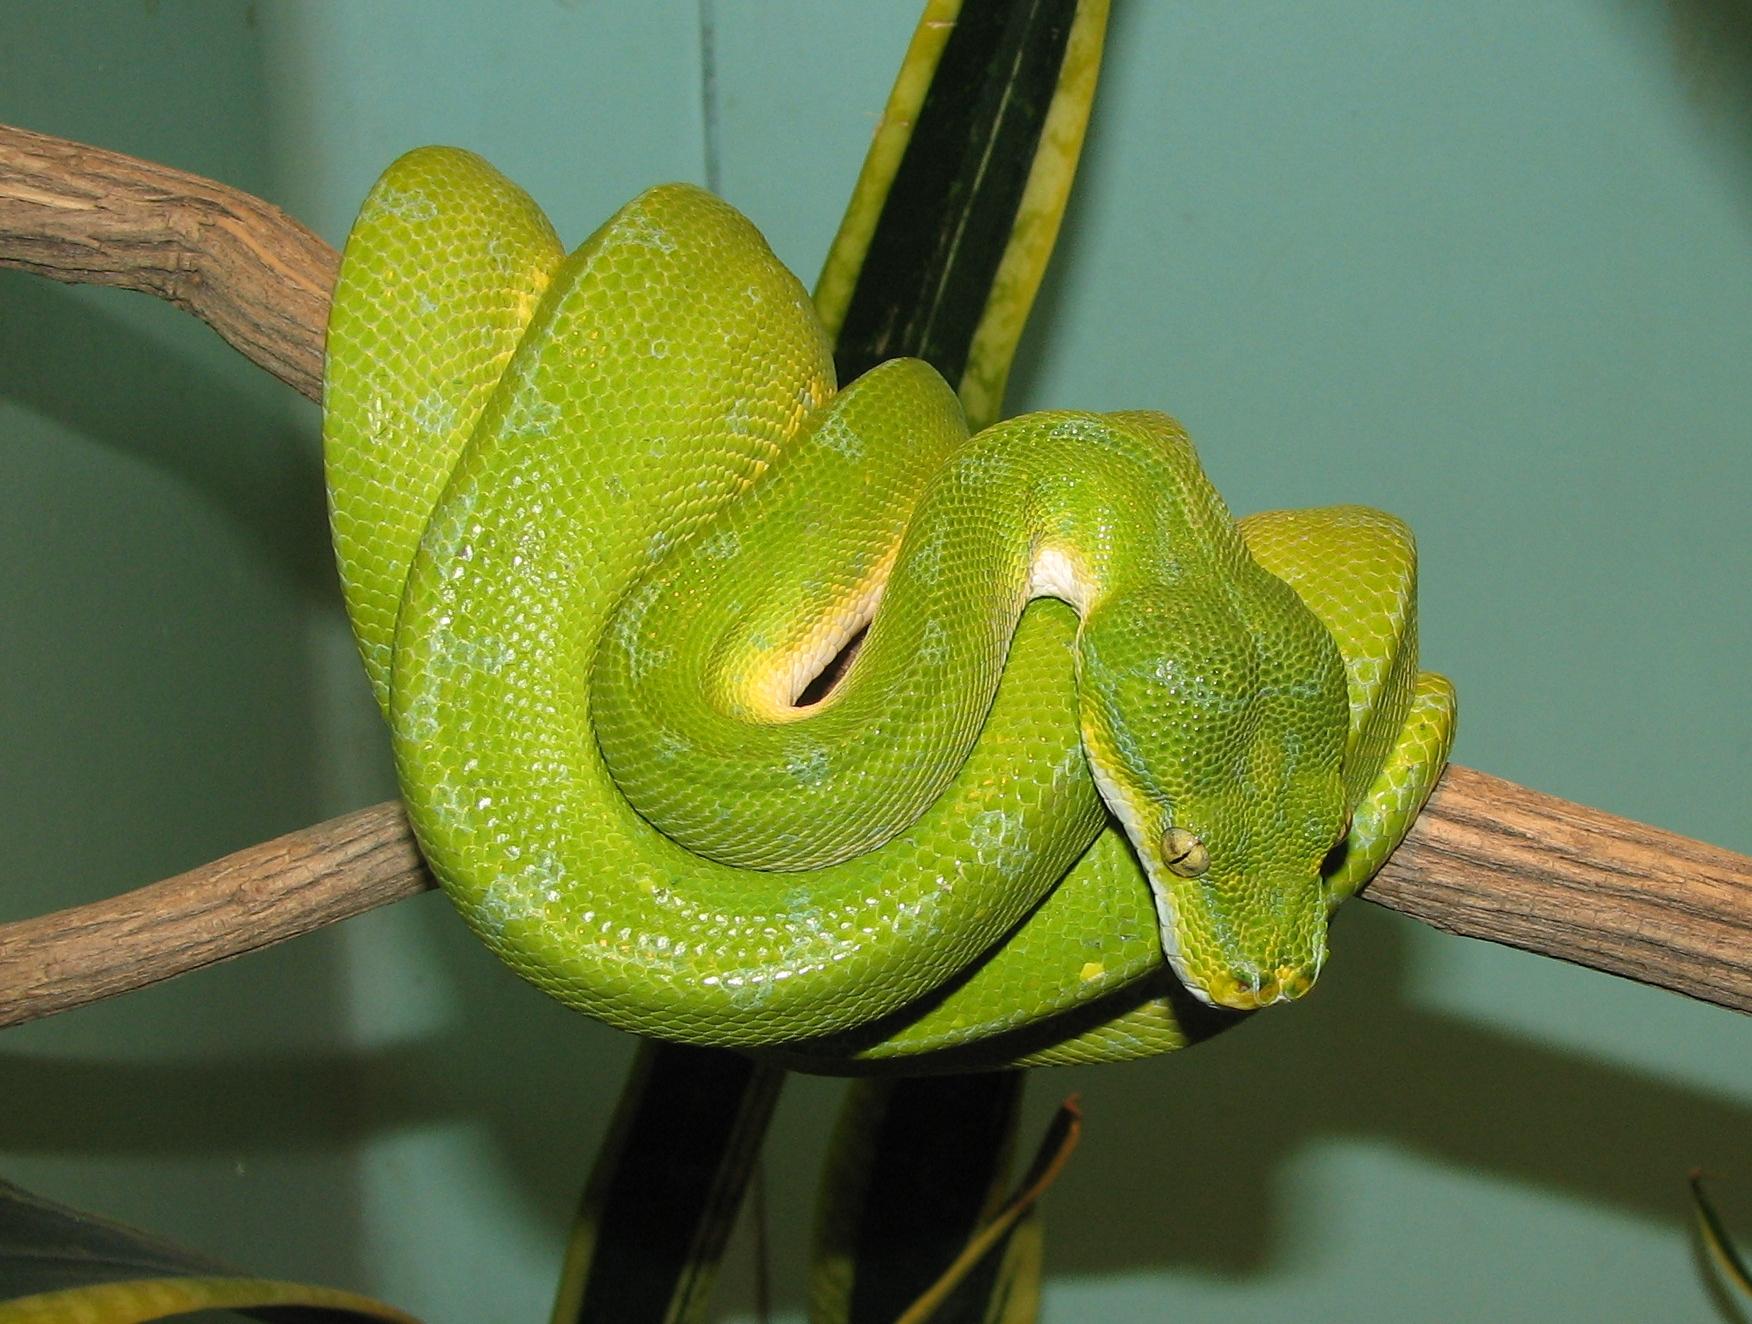 green tree snake pose